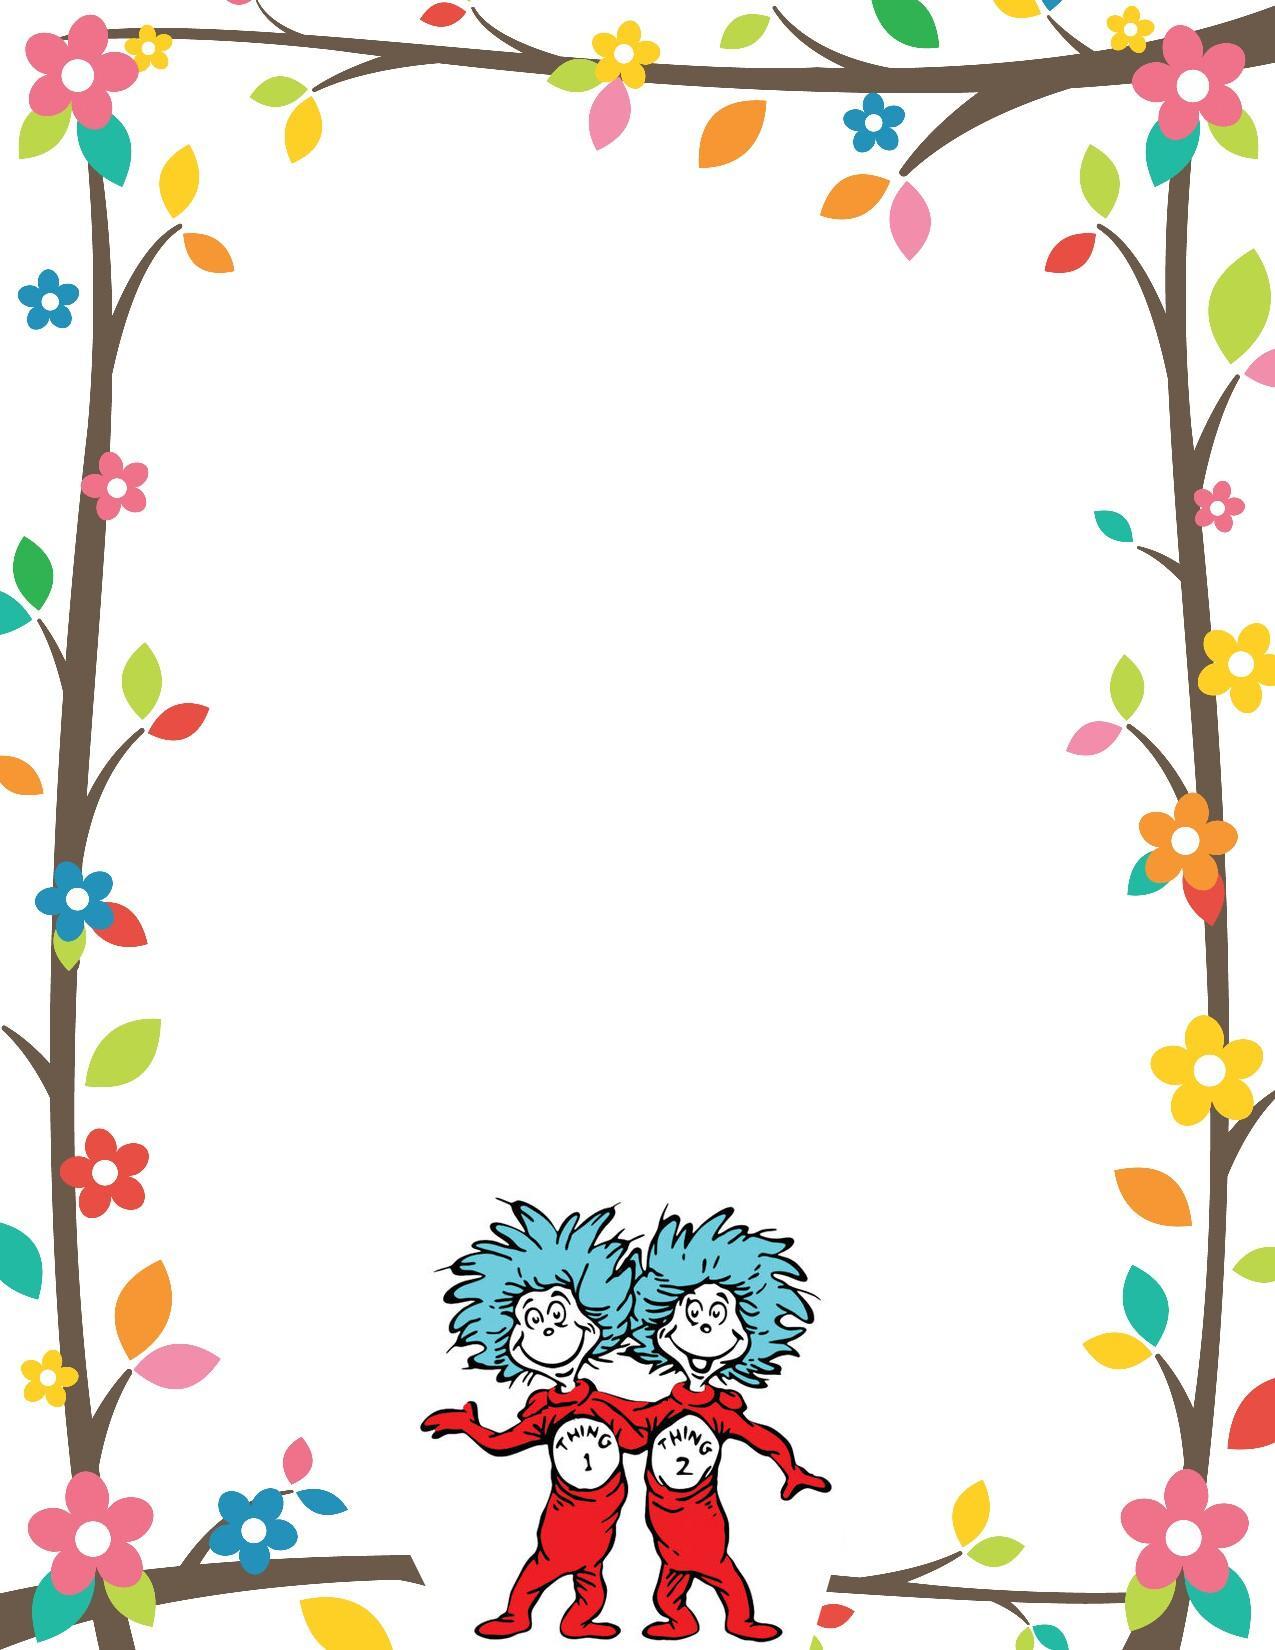 Free dr seuss border clipart stock Dr Seuss Border Invitation Free Print stock